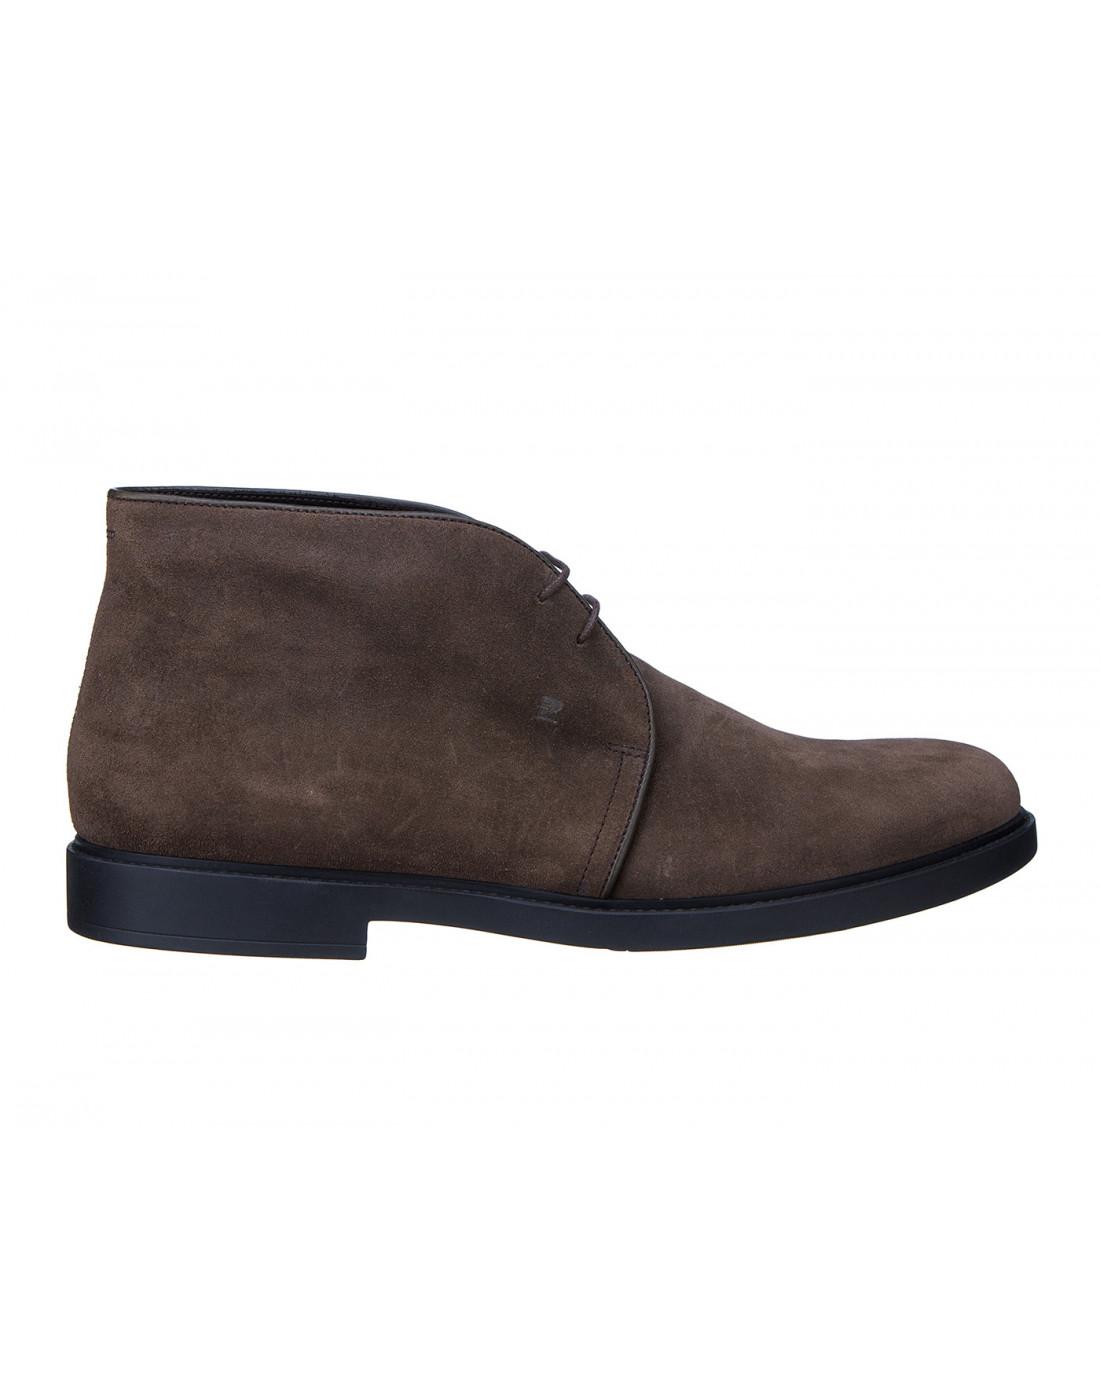 Ботинки мужские Fratelli Rossetti S44727-1